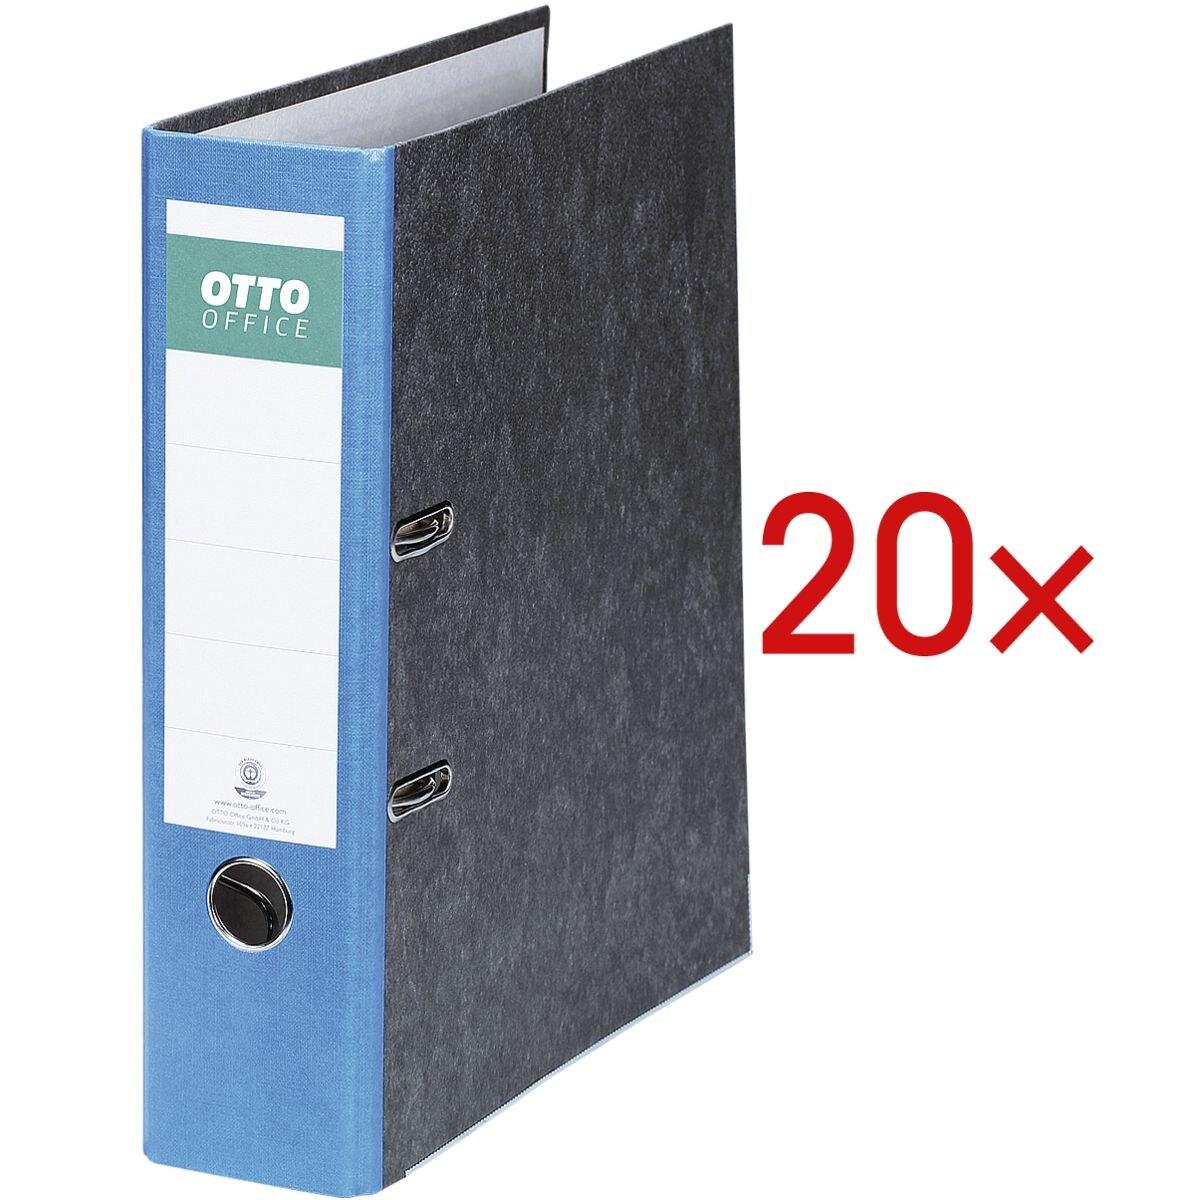 20x Ordner A4 OTTO Office Nature Future breed, wolkengemarmerd met gekleurde rug